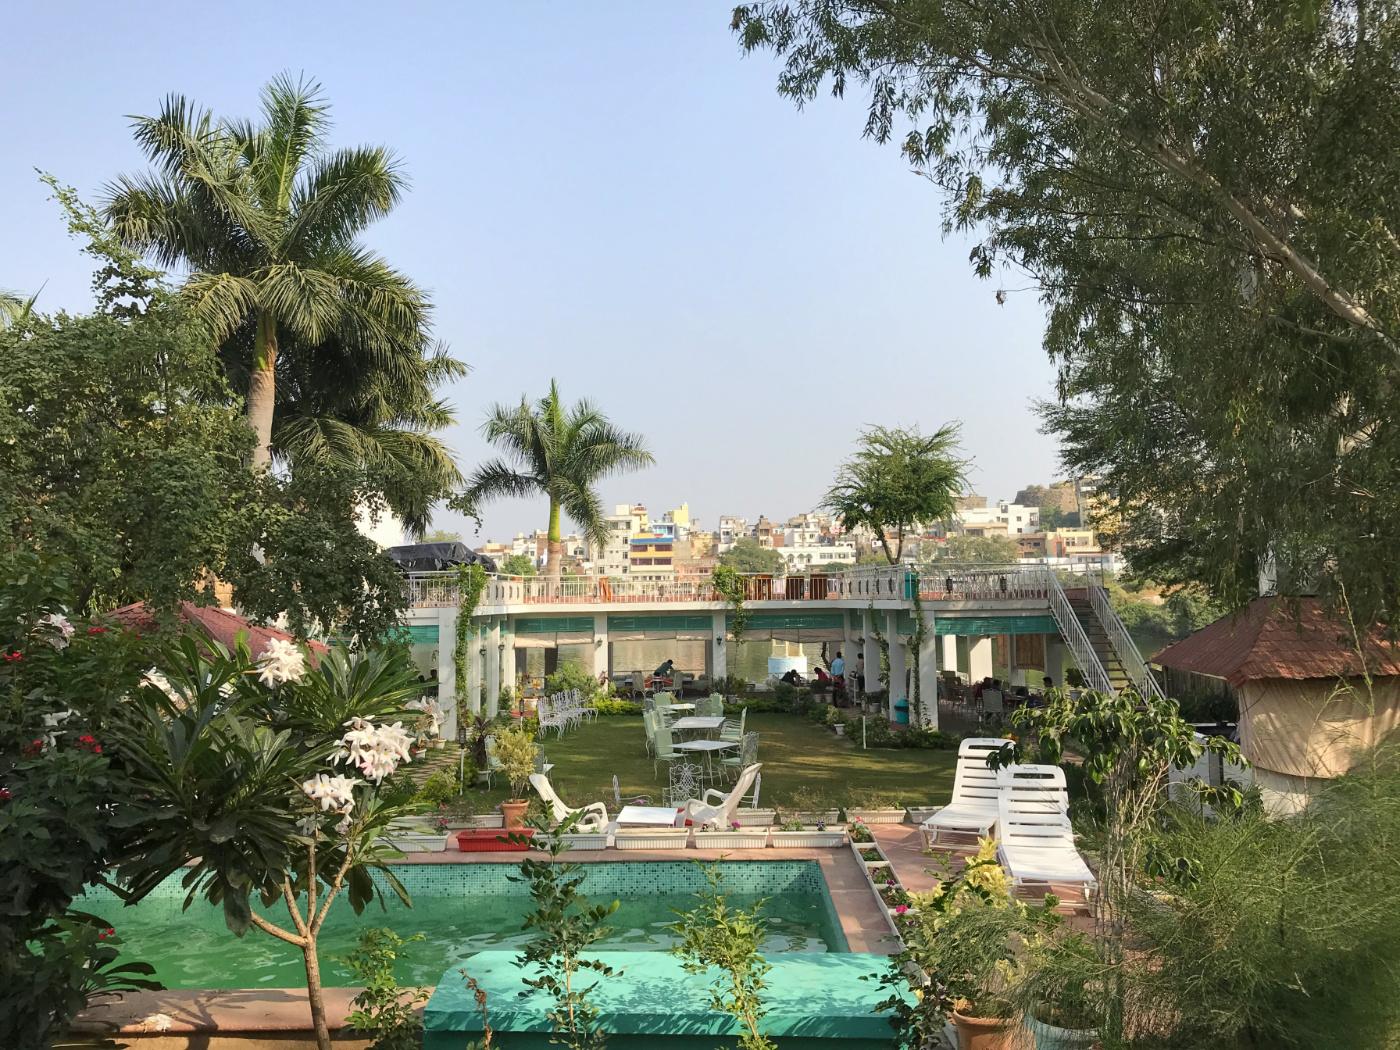 837-India-Udaipur